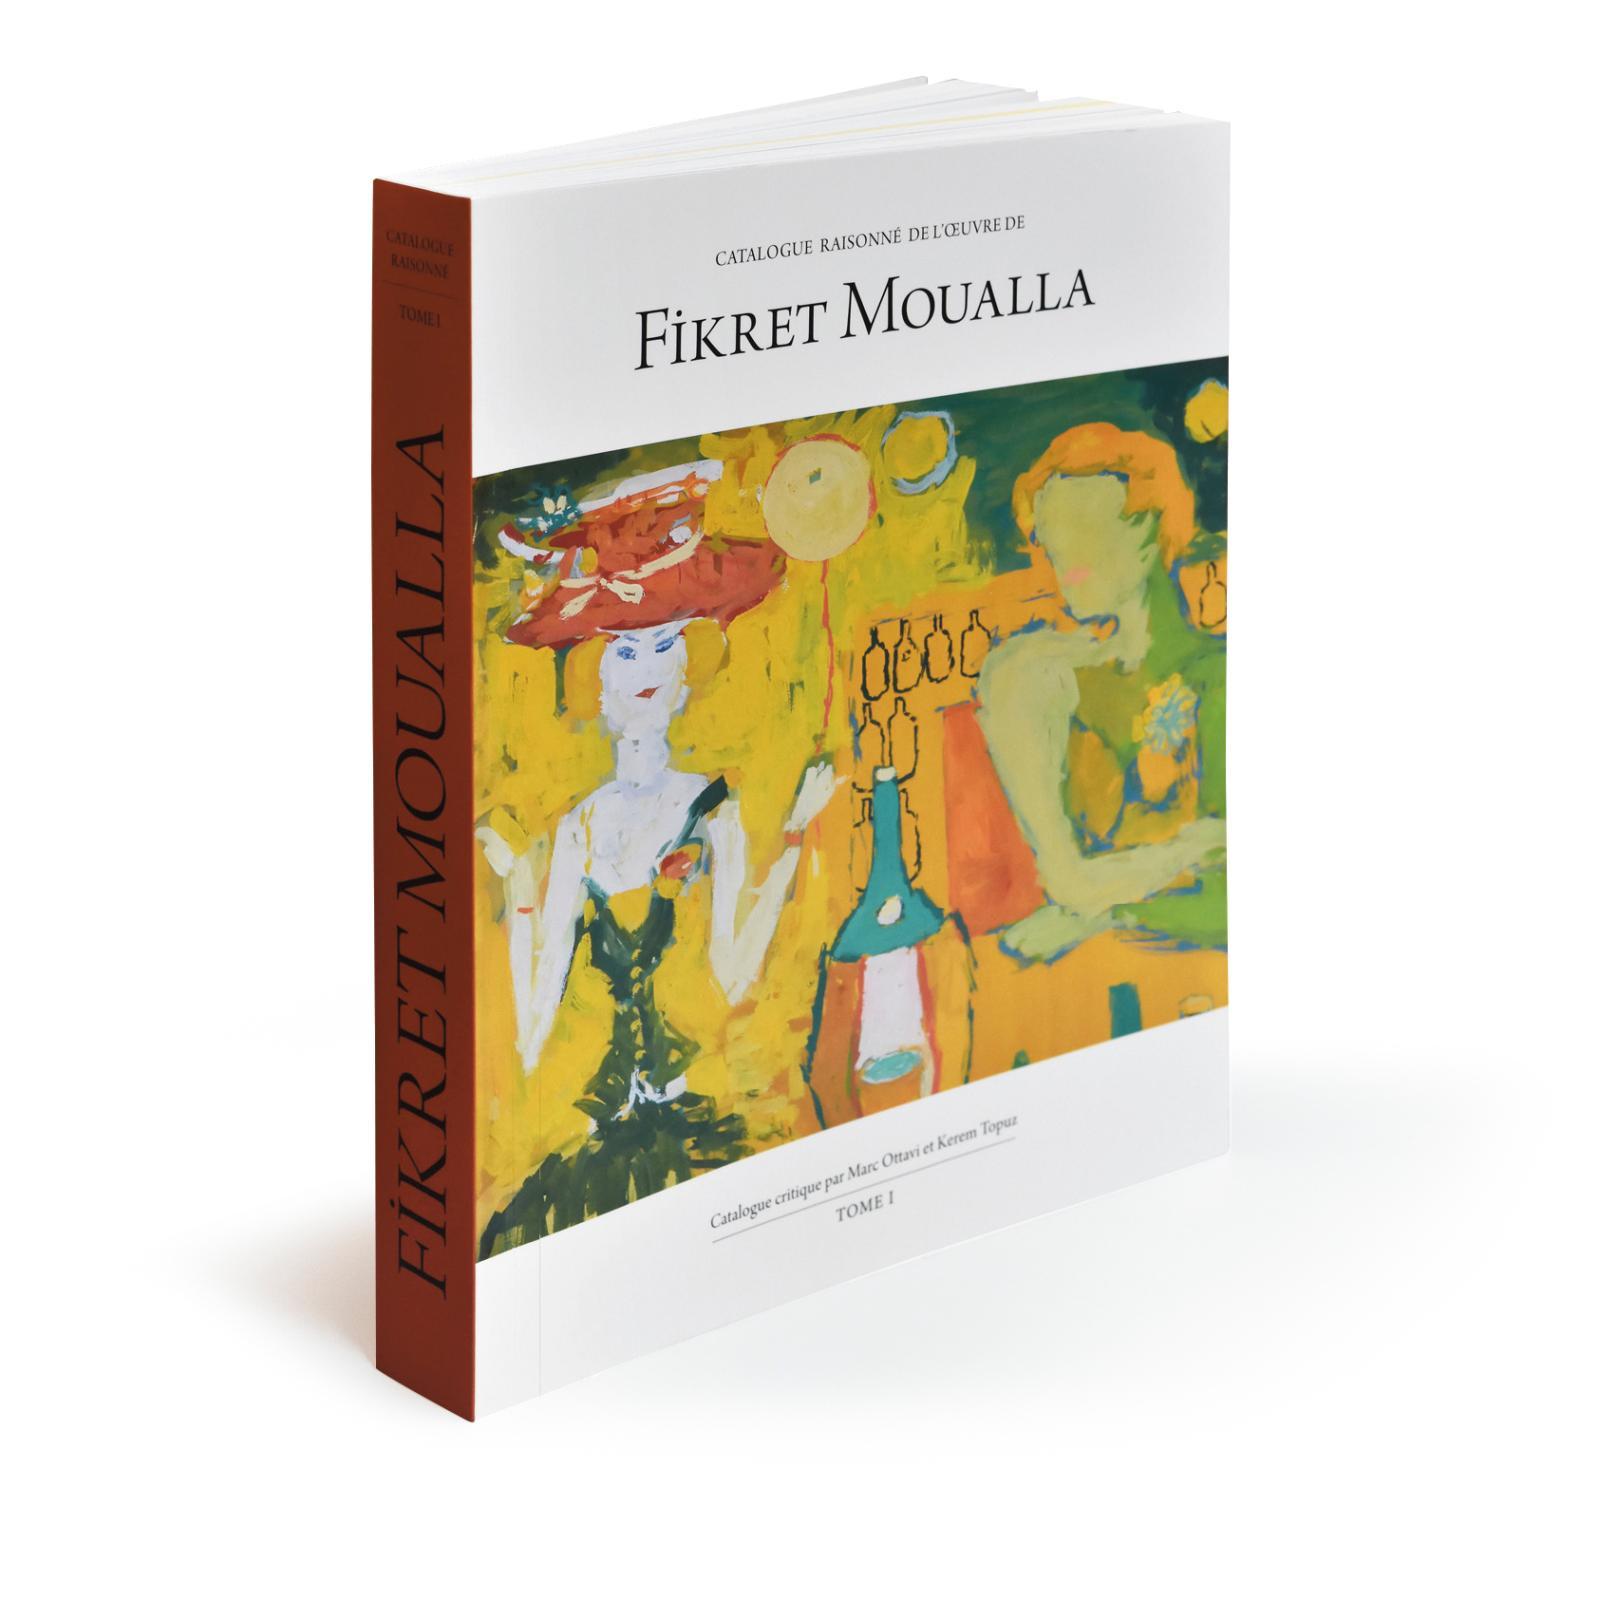 Marc Ottavi et Kerem Topuz, Catalogue raisonné de l'œuvre de Fikret Moualla 1903-1967, tome 1, 130 €.